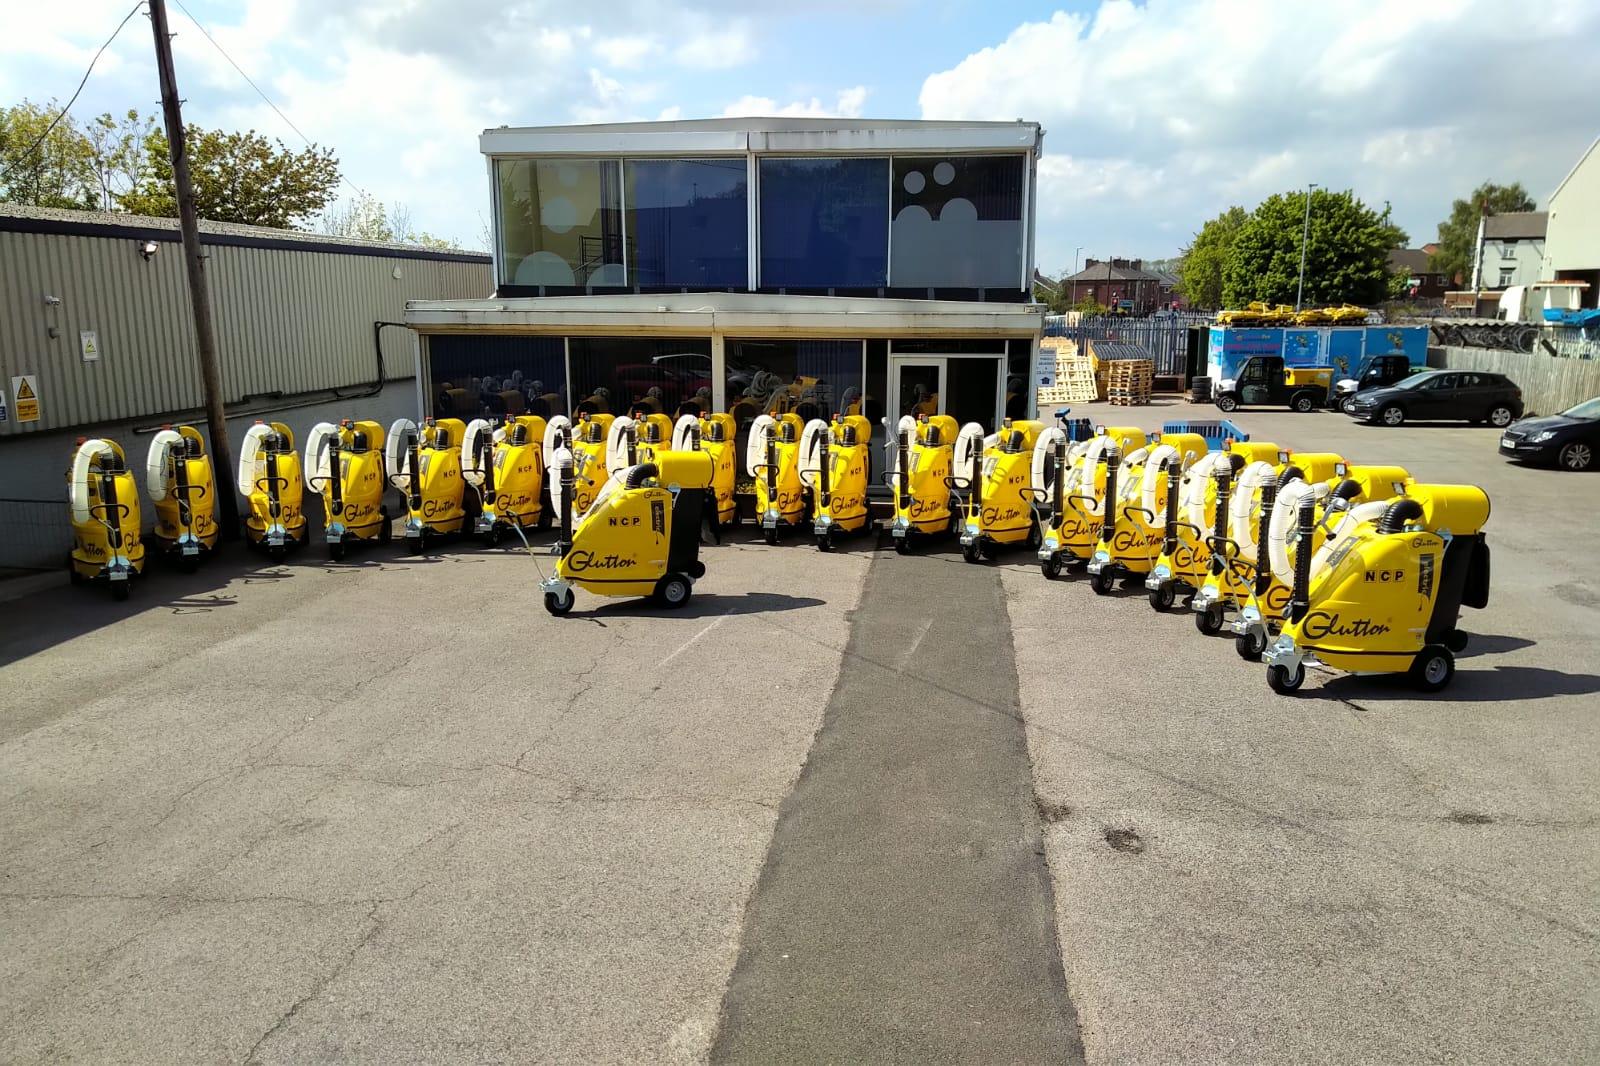 fleet of Glutton cleaning machines